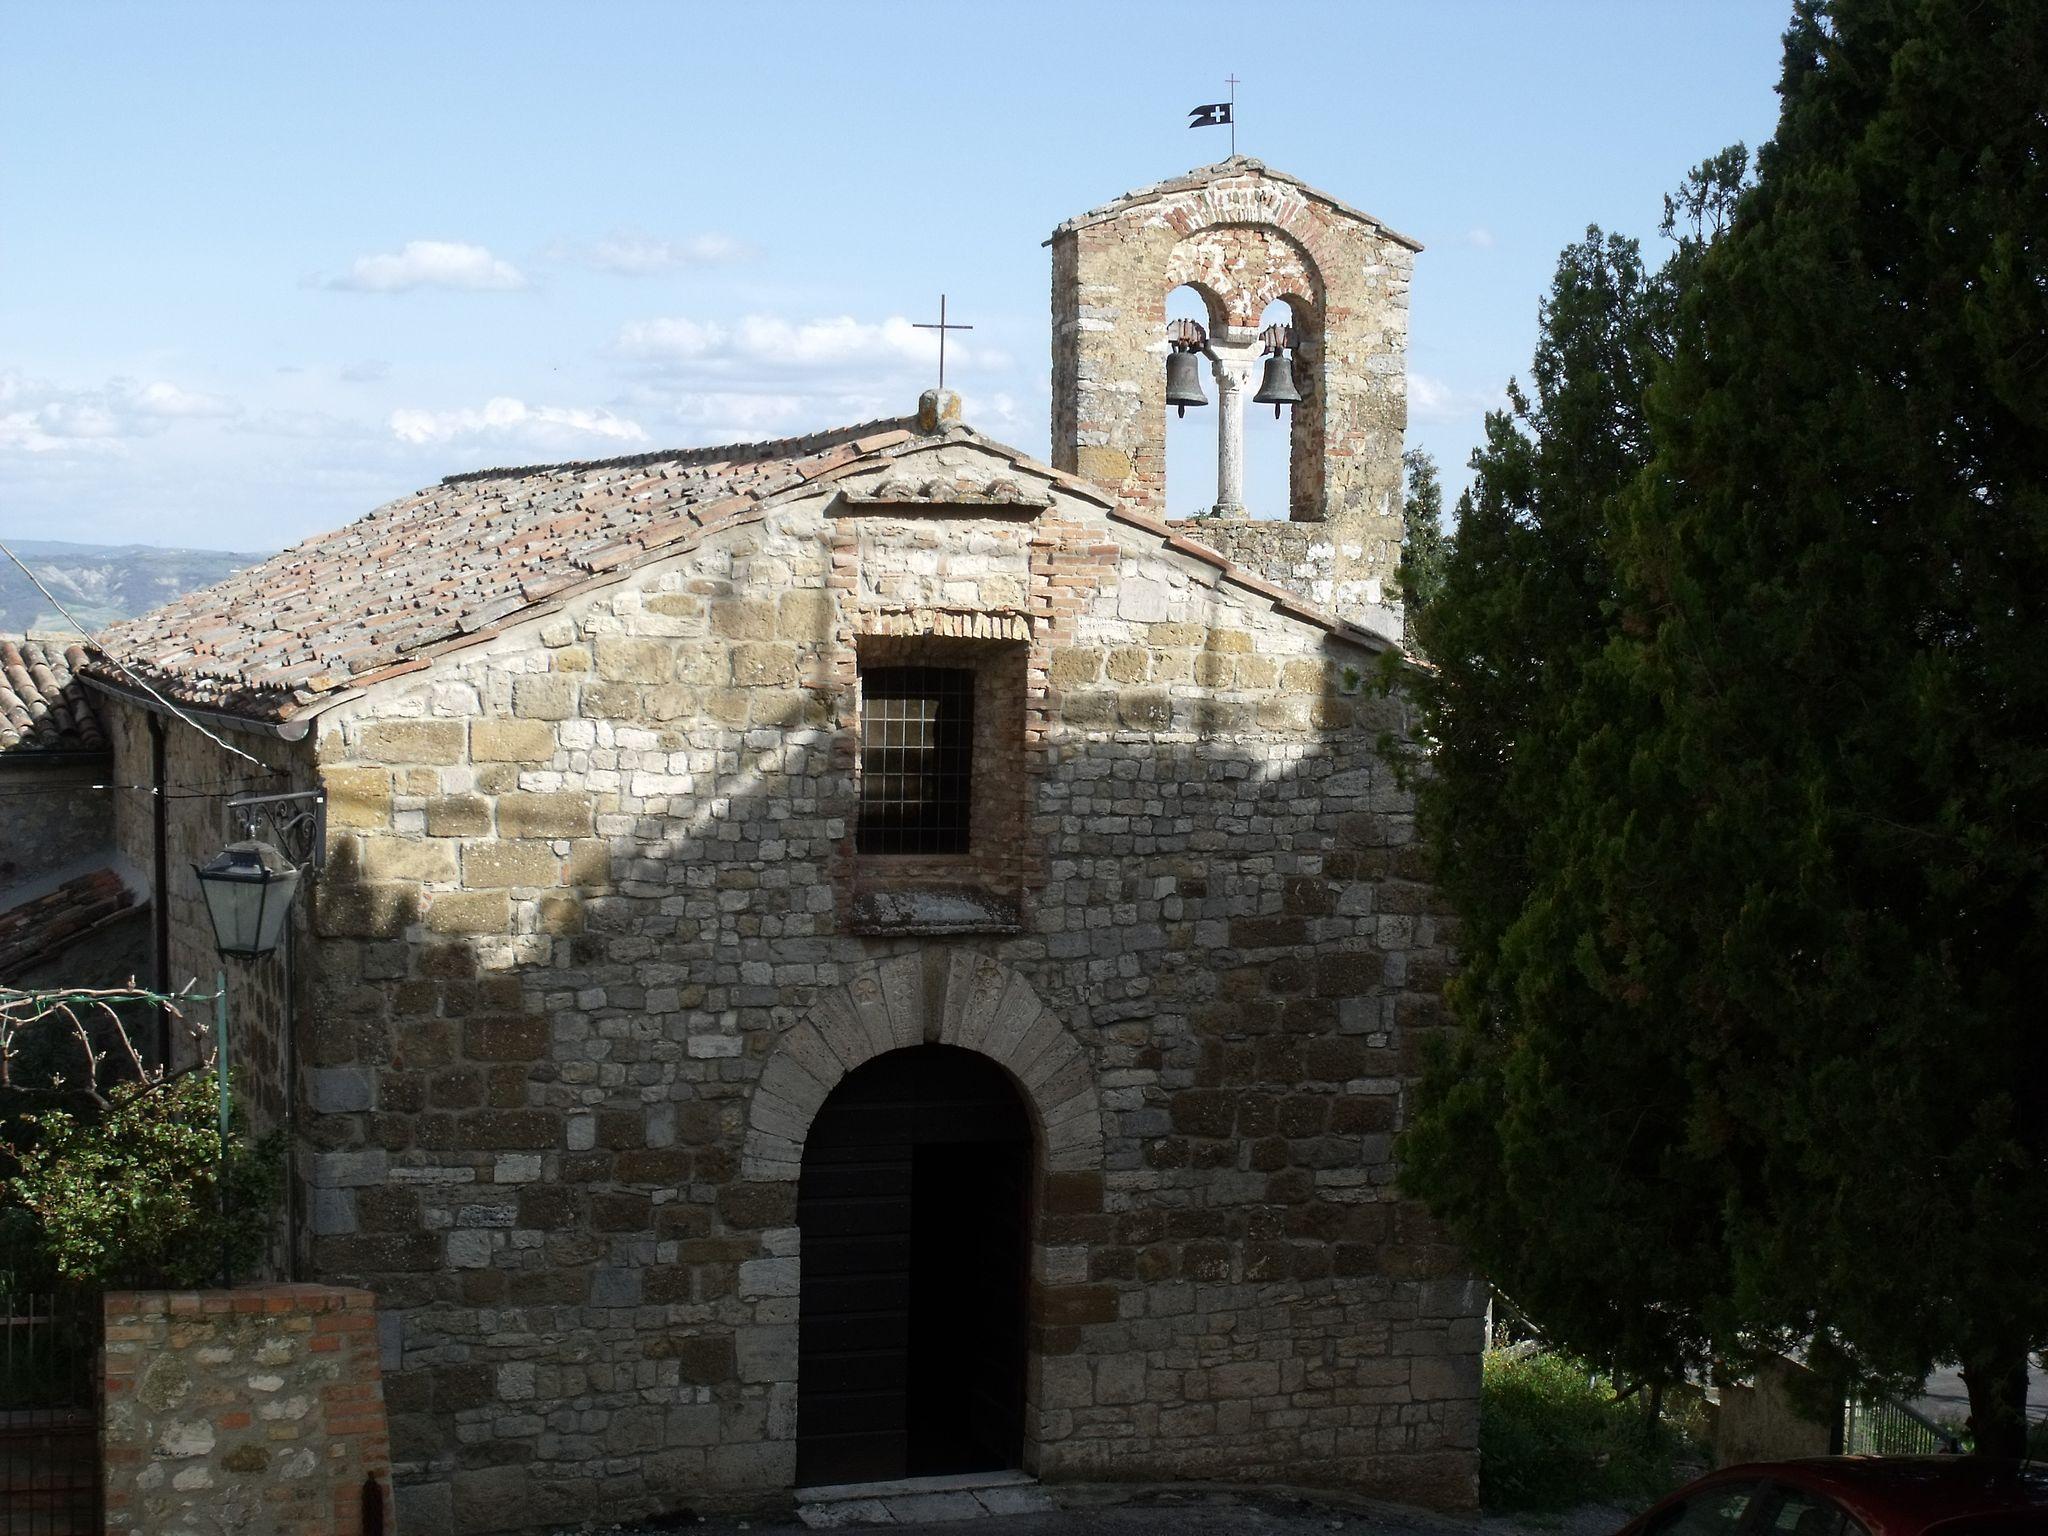 CastiglioneDOrcia, Chiesa di Santa Maria Maddalena, Kirche kurz außerhalb des Ortskerns.[9] aus dem 12. Jahrhundert mit Fassade aus dem 13. Jahrhundert